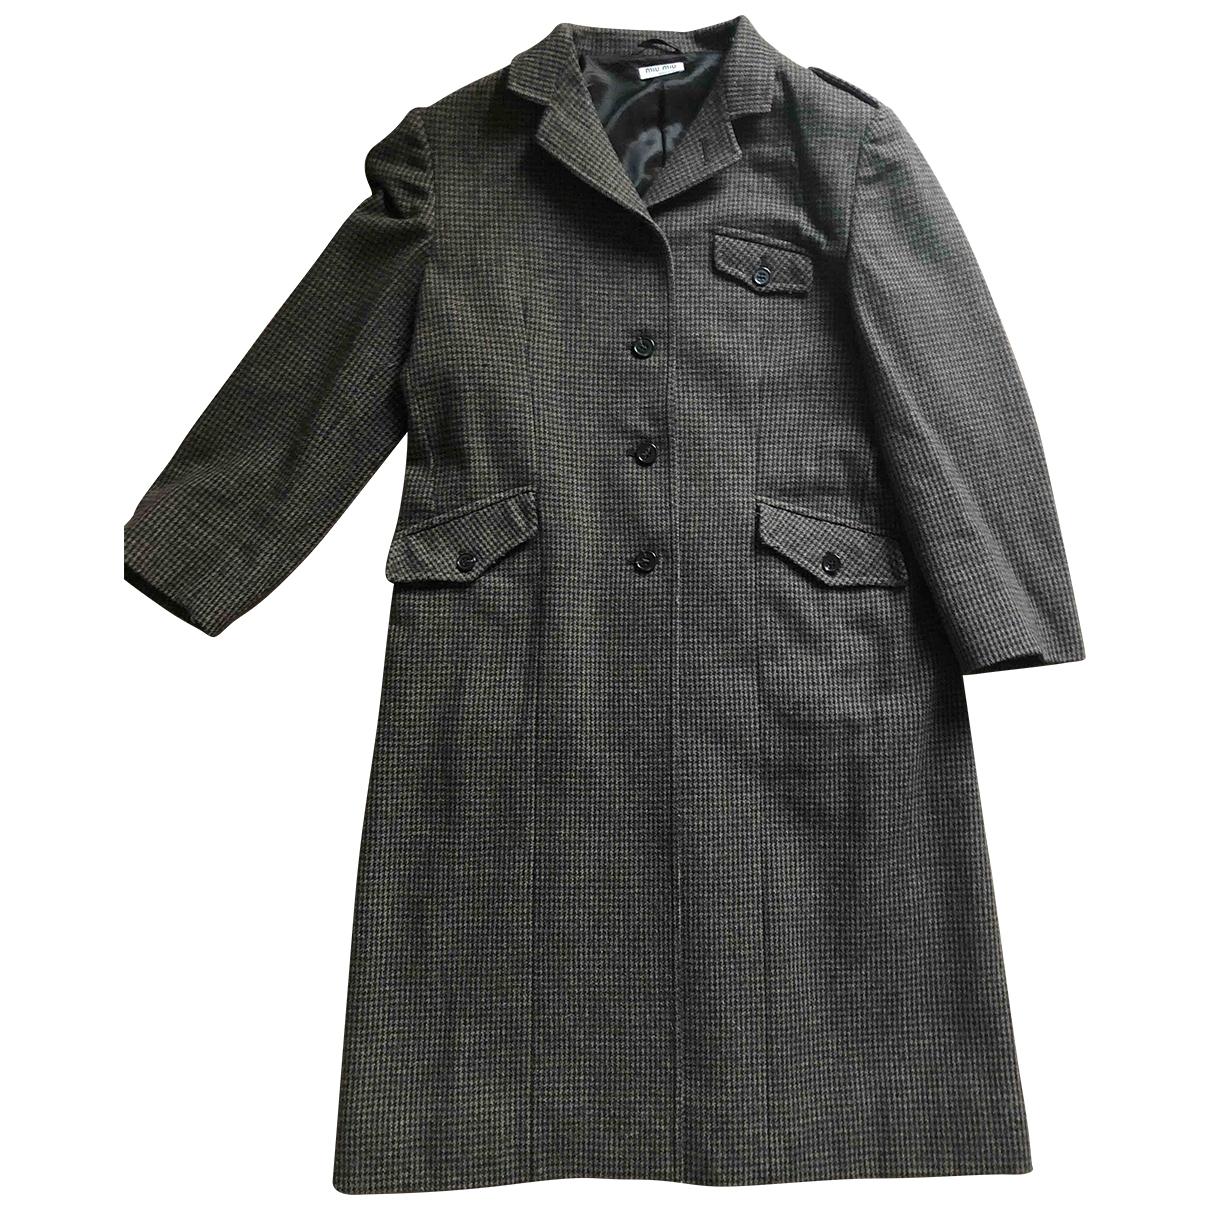 Miu Miu - Manteau   pour femme en cachemire - marron